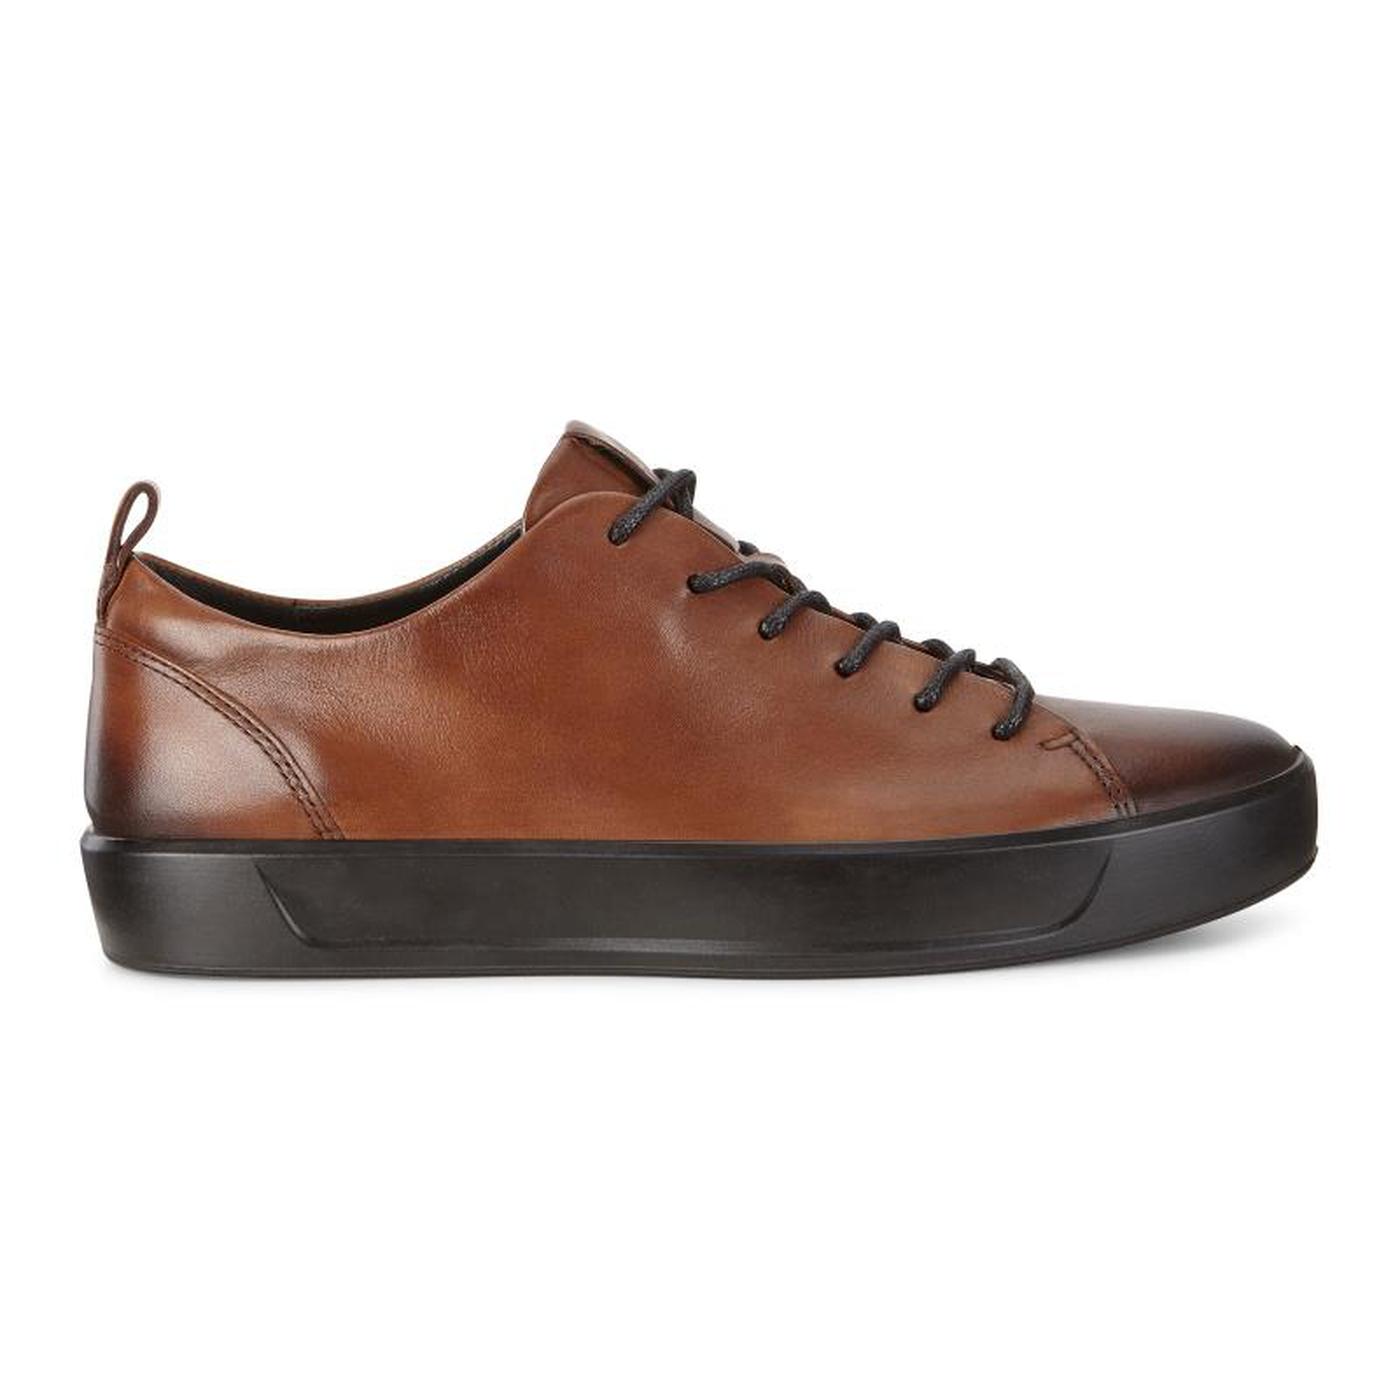 ECCO SOFT8 Mens Calf Leather Sneaker